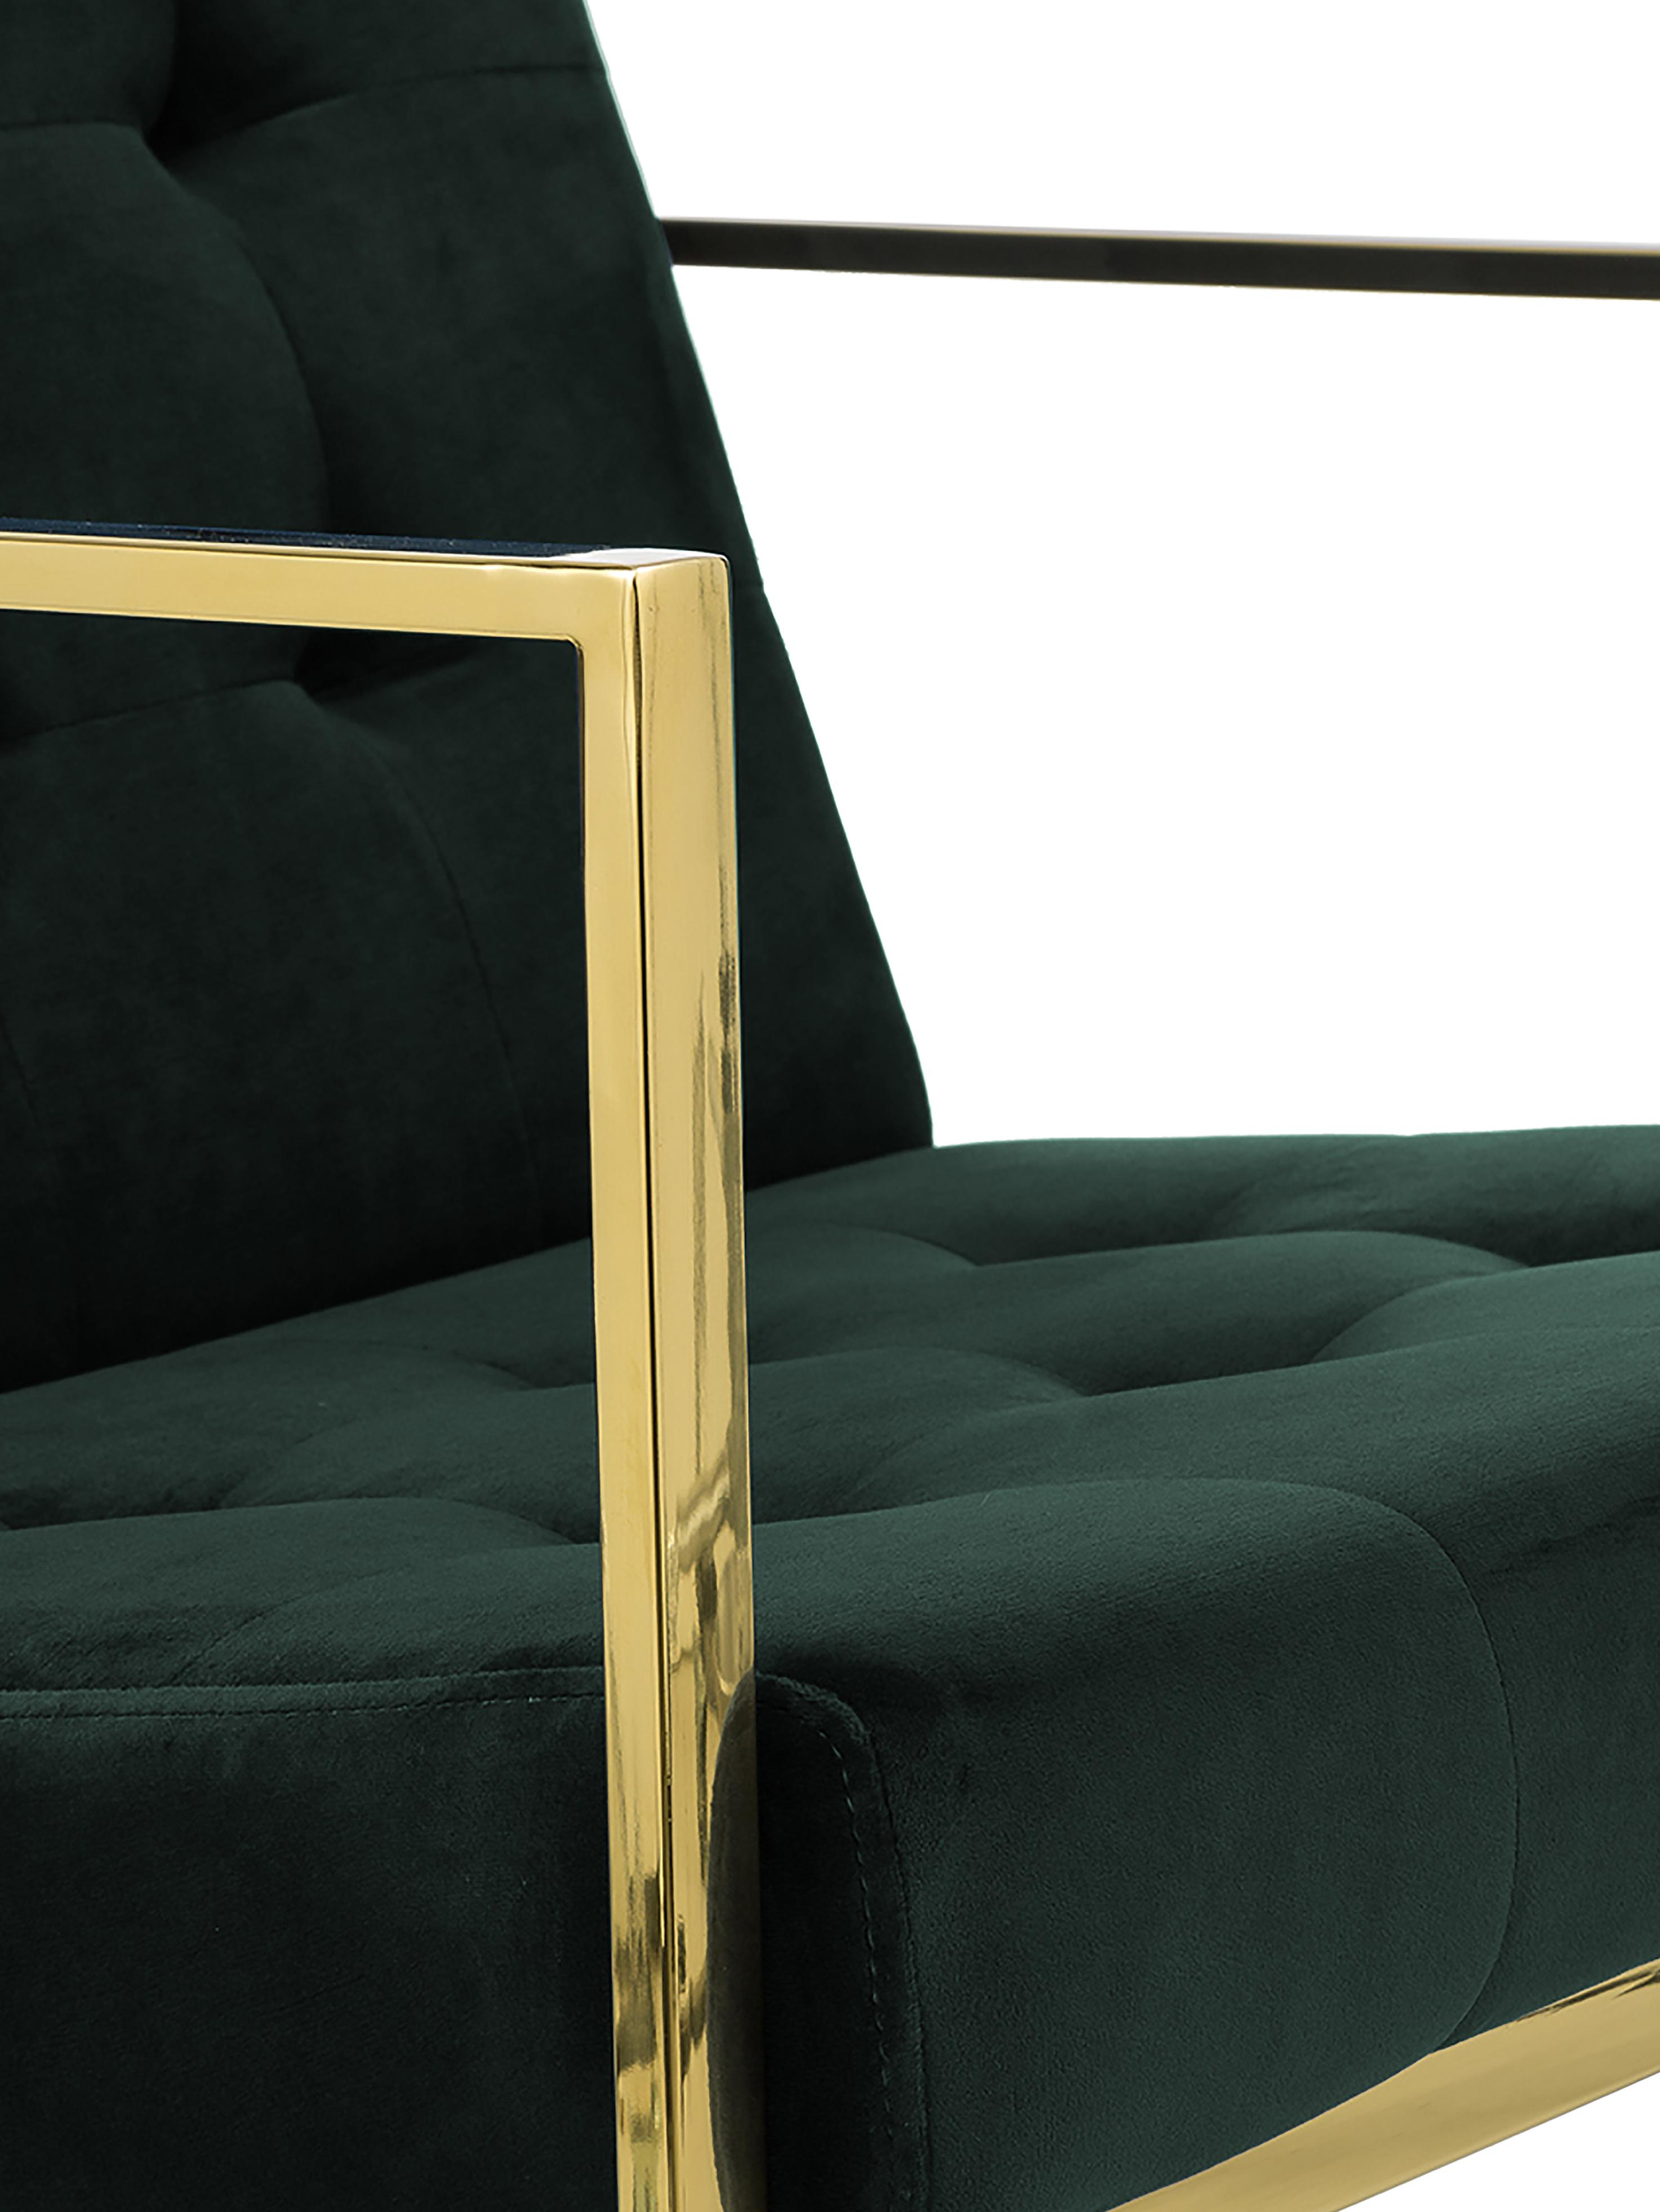 Samt-Loungesessel Manhattan in Grün, Bezug: Samt (Polyester), Gestell: Metall, beschichtet, Samt Dunkelgrün, B 70 x T 72 cm